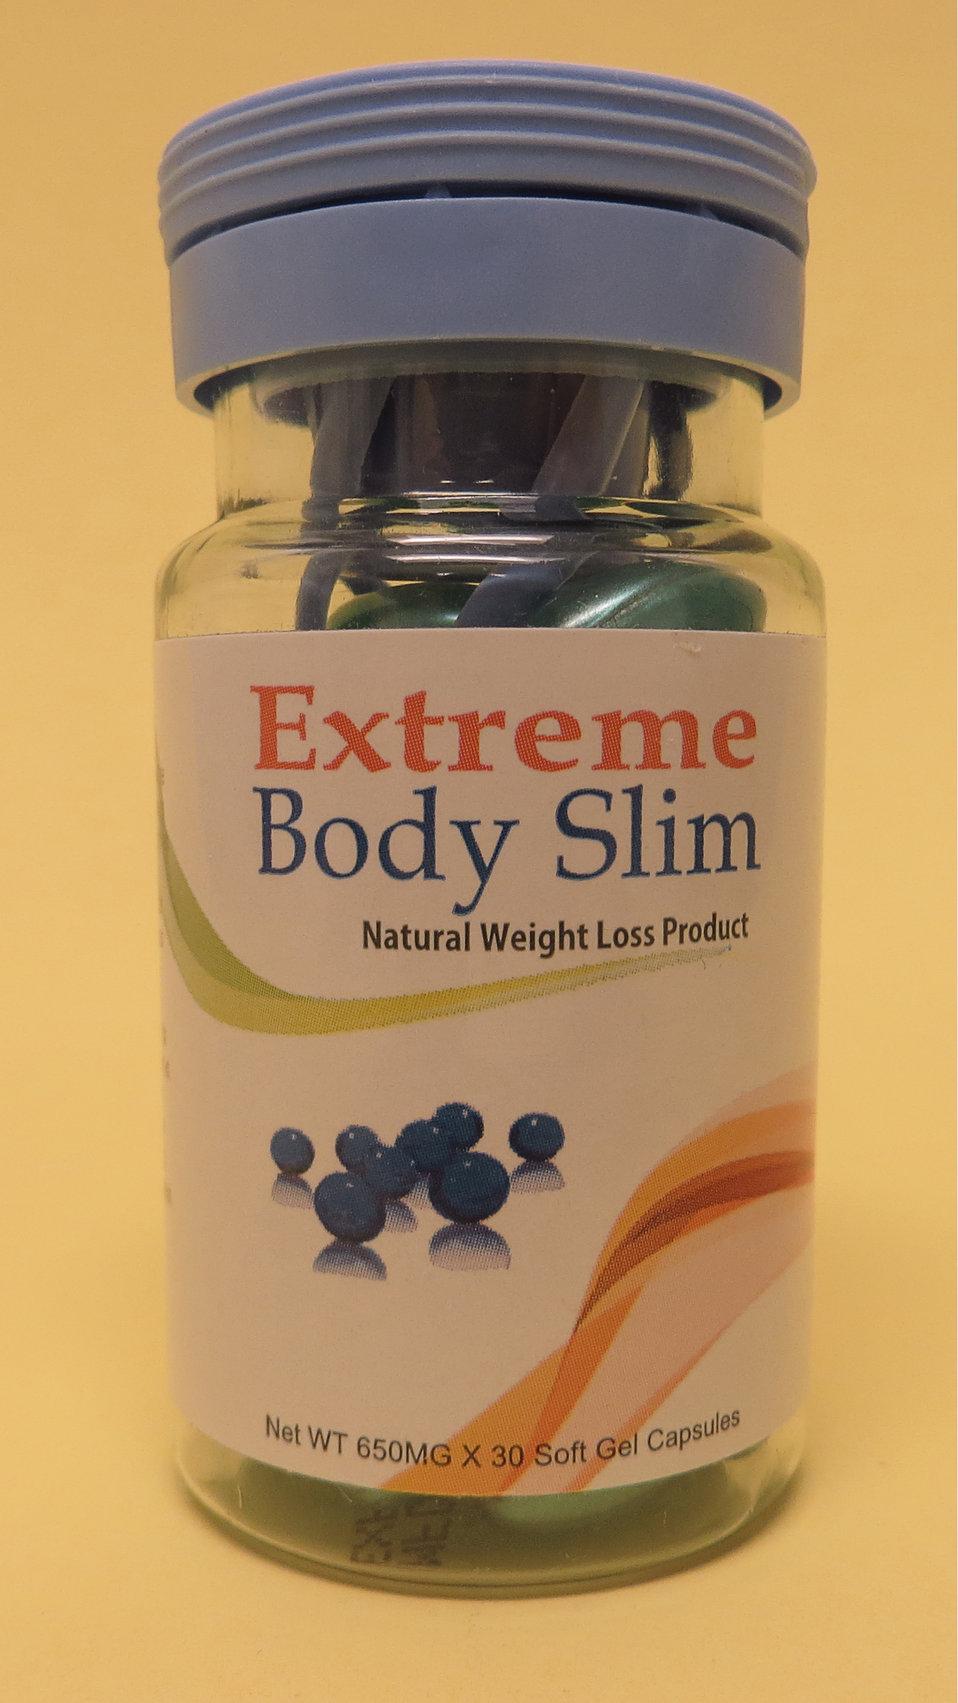 Extreme Body Slim